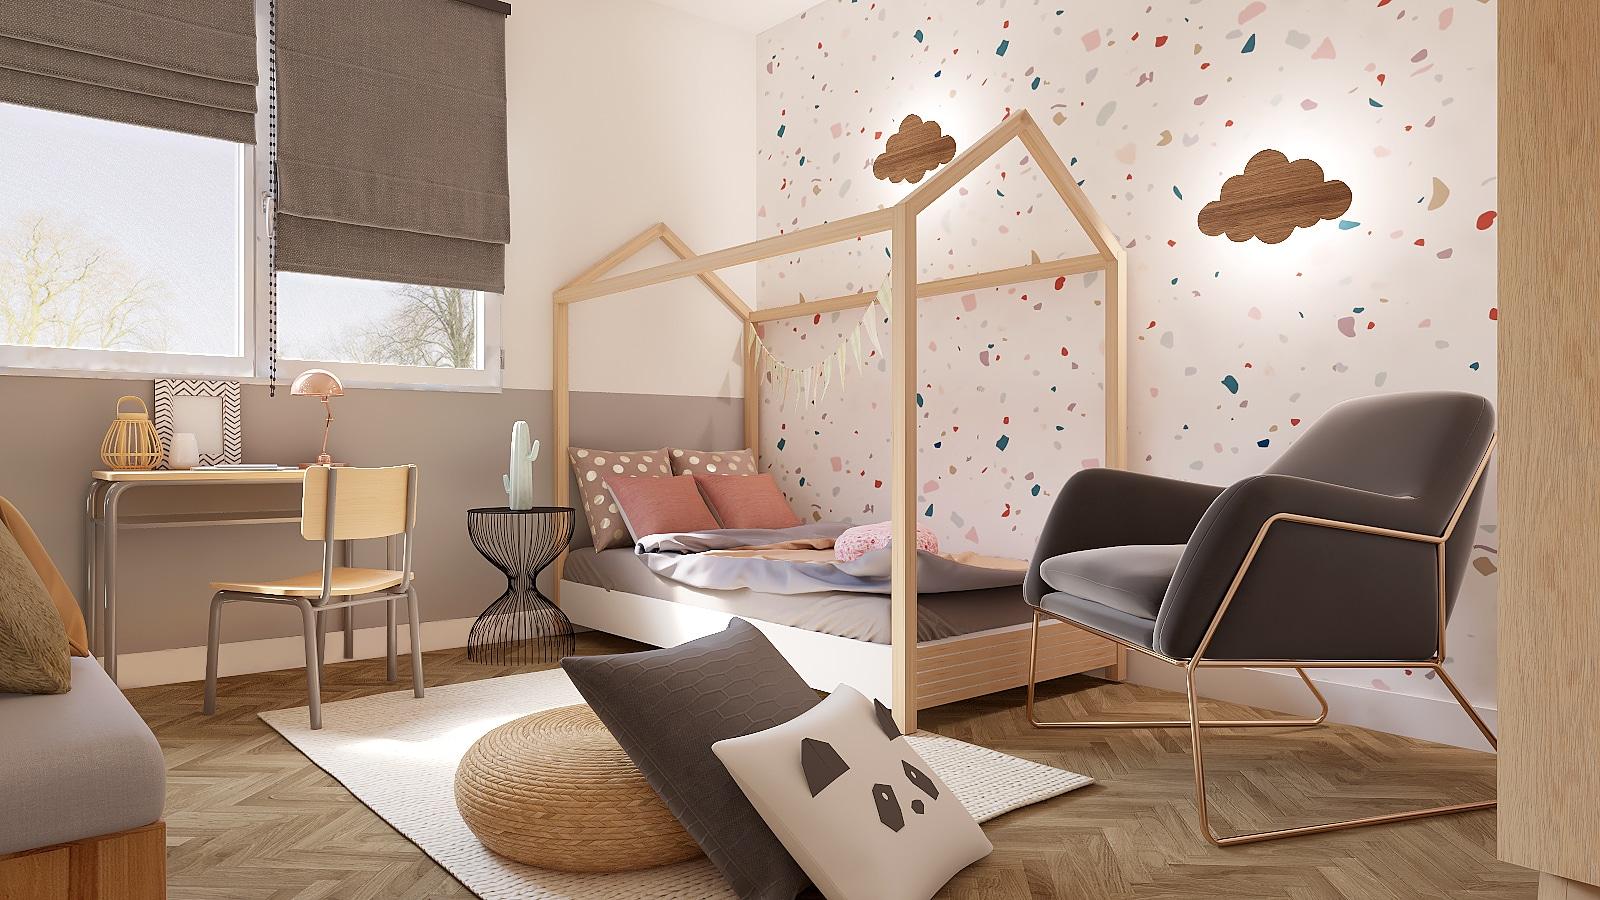 Deco Chambre Parentale Cocooning battle dÉco 10 : aménager une chambre d'enfant